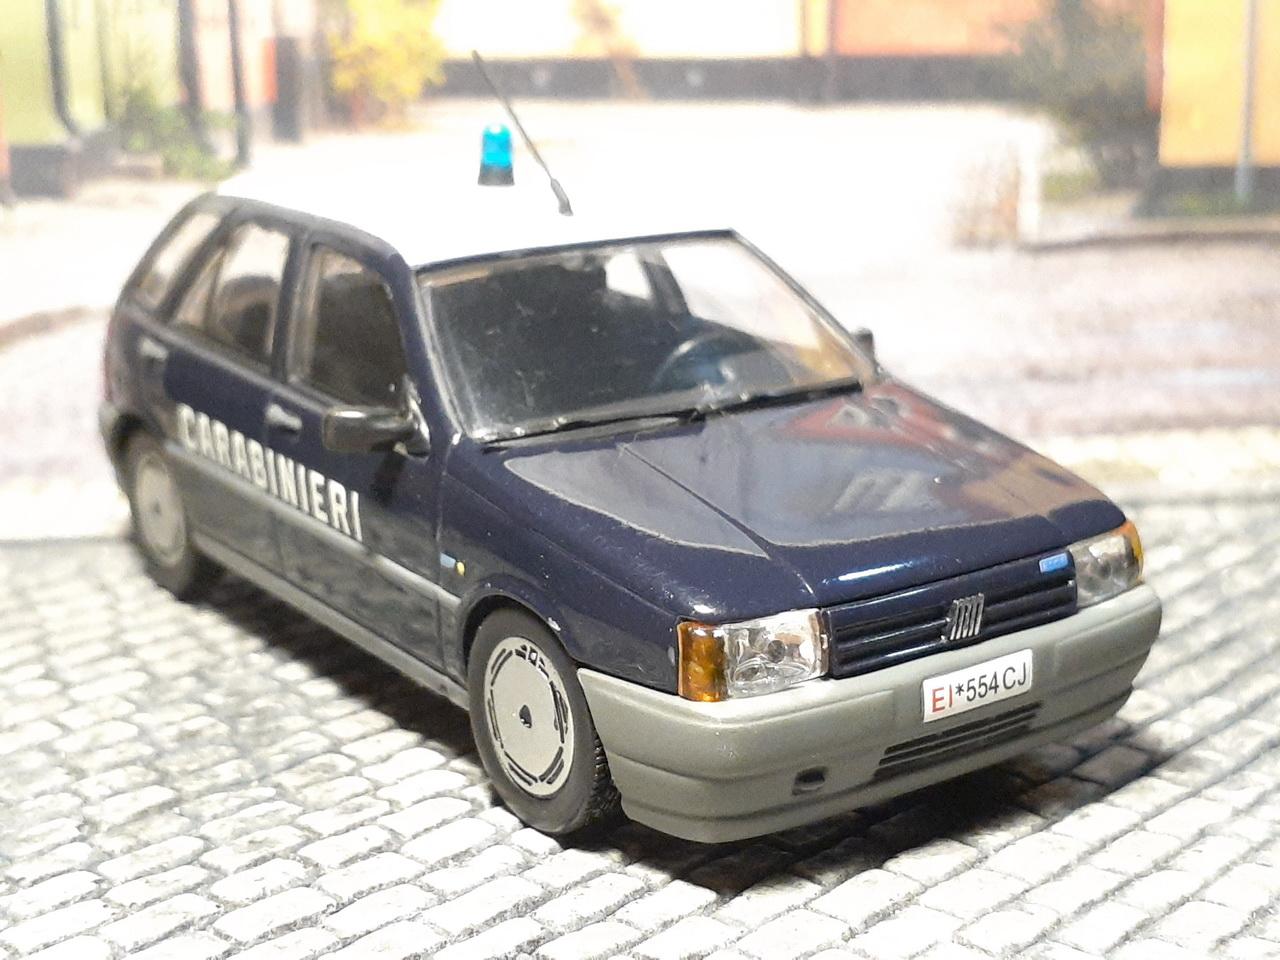 Fiat Tipo 1.1 – Carabinieri – 1989